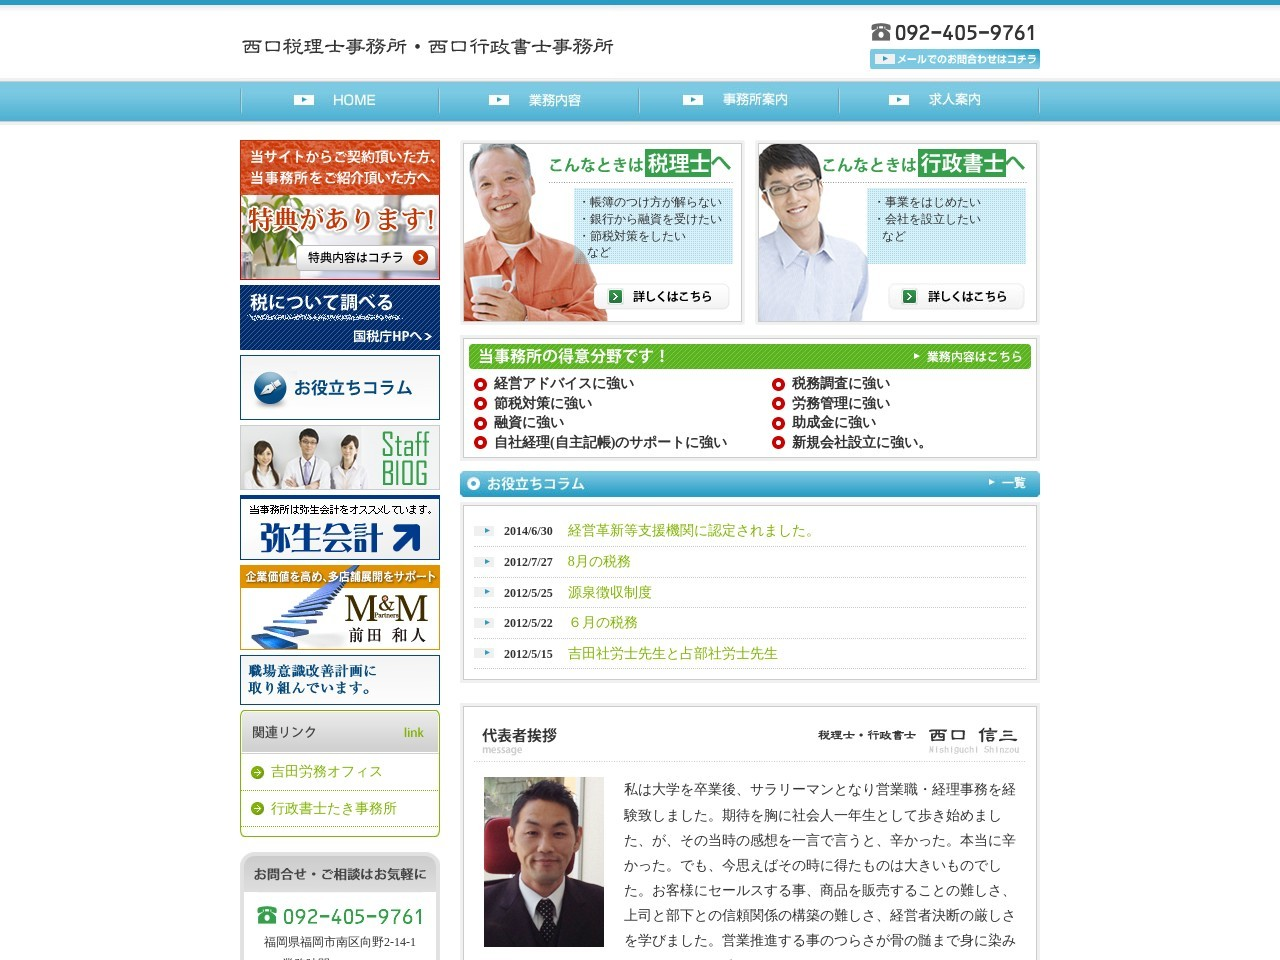 ウェブサイト